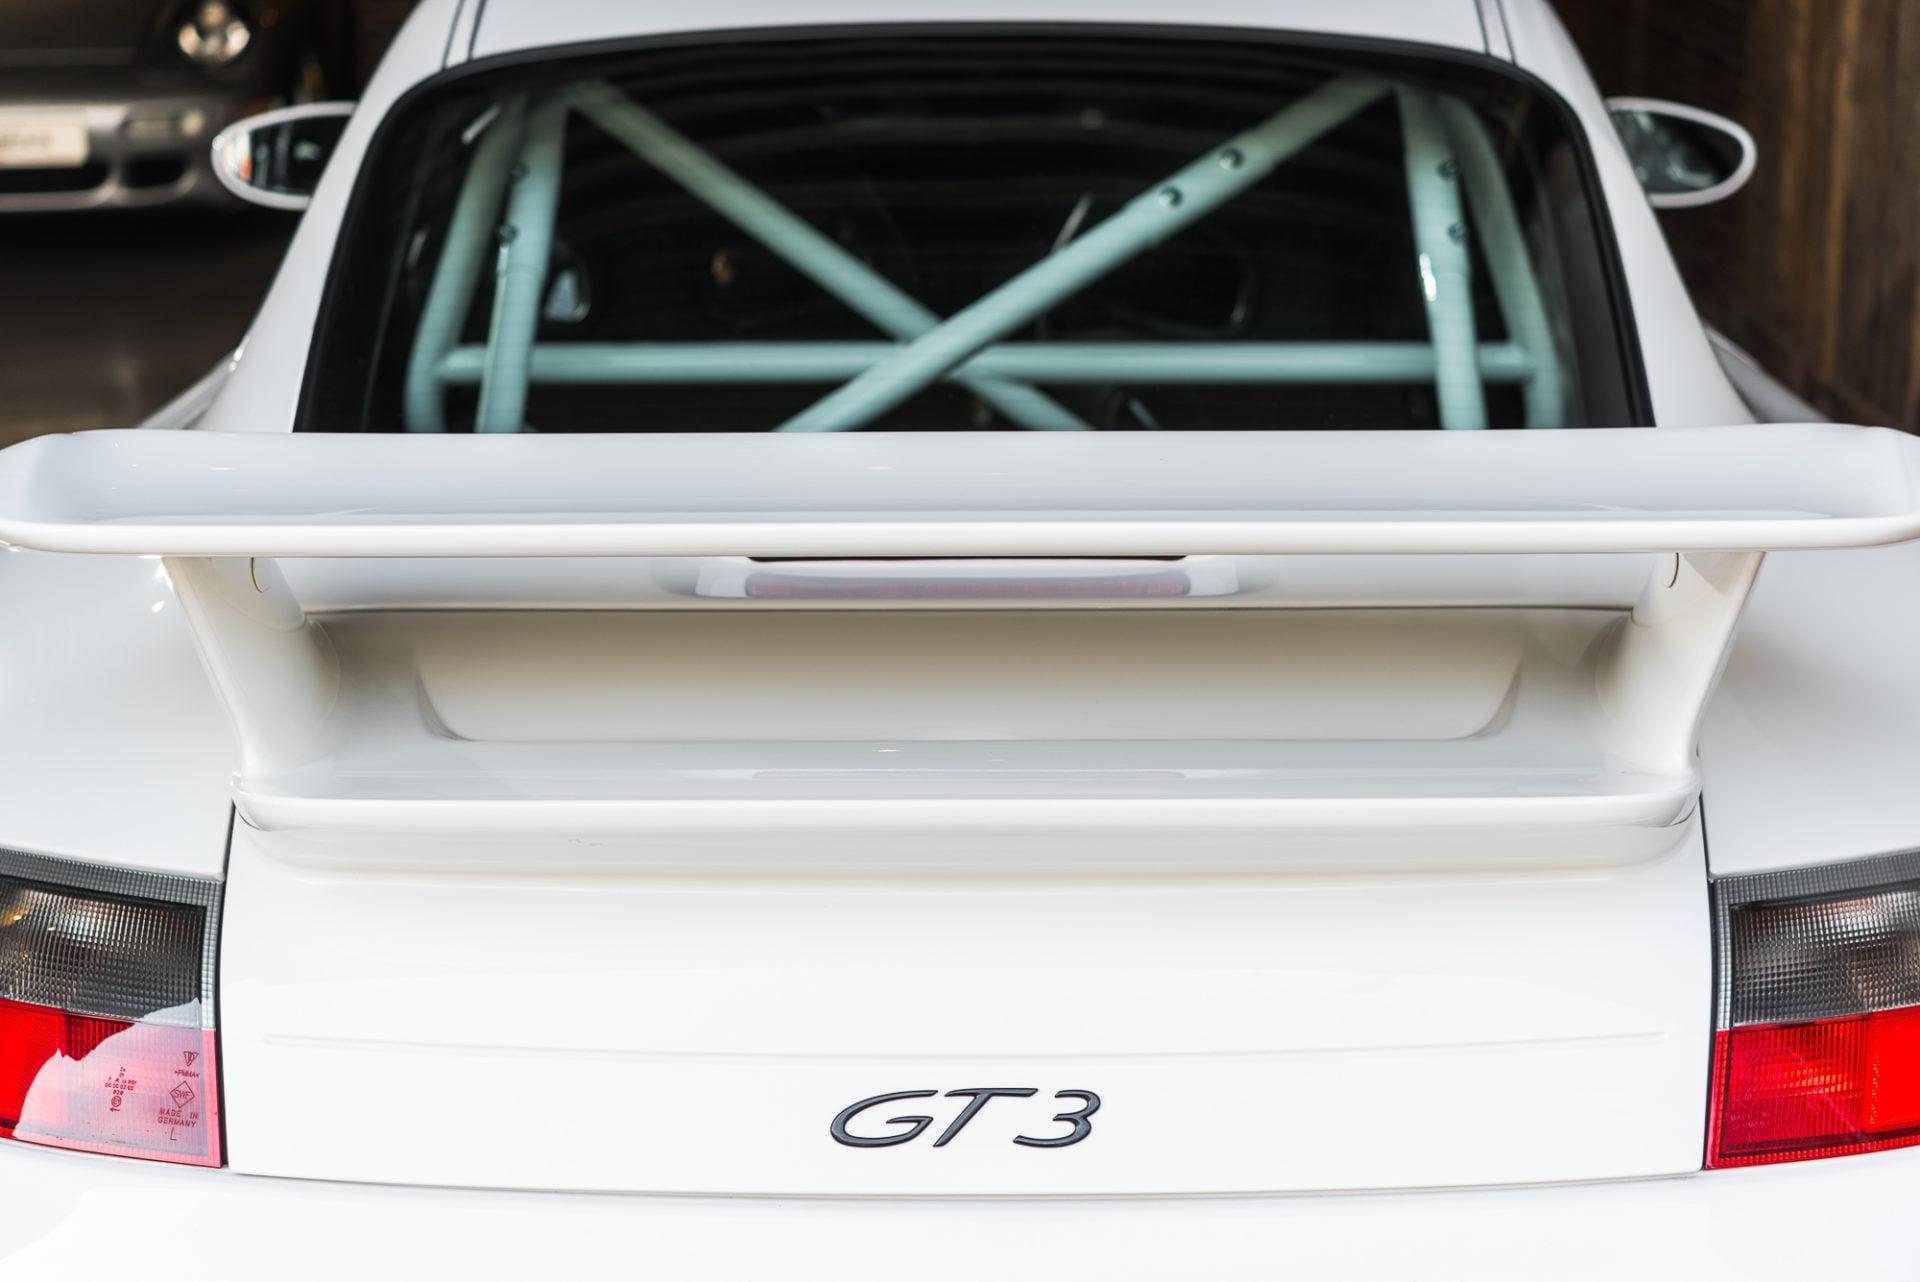 PORSCHE 996 GT3 WIT - 20180407 -7